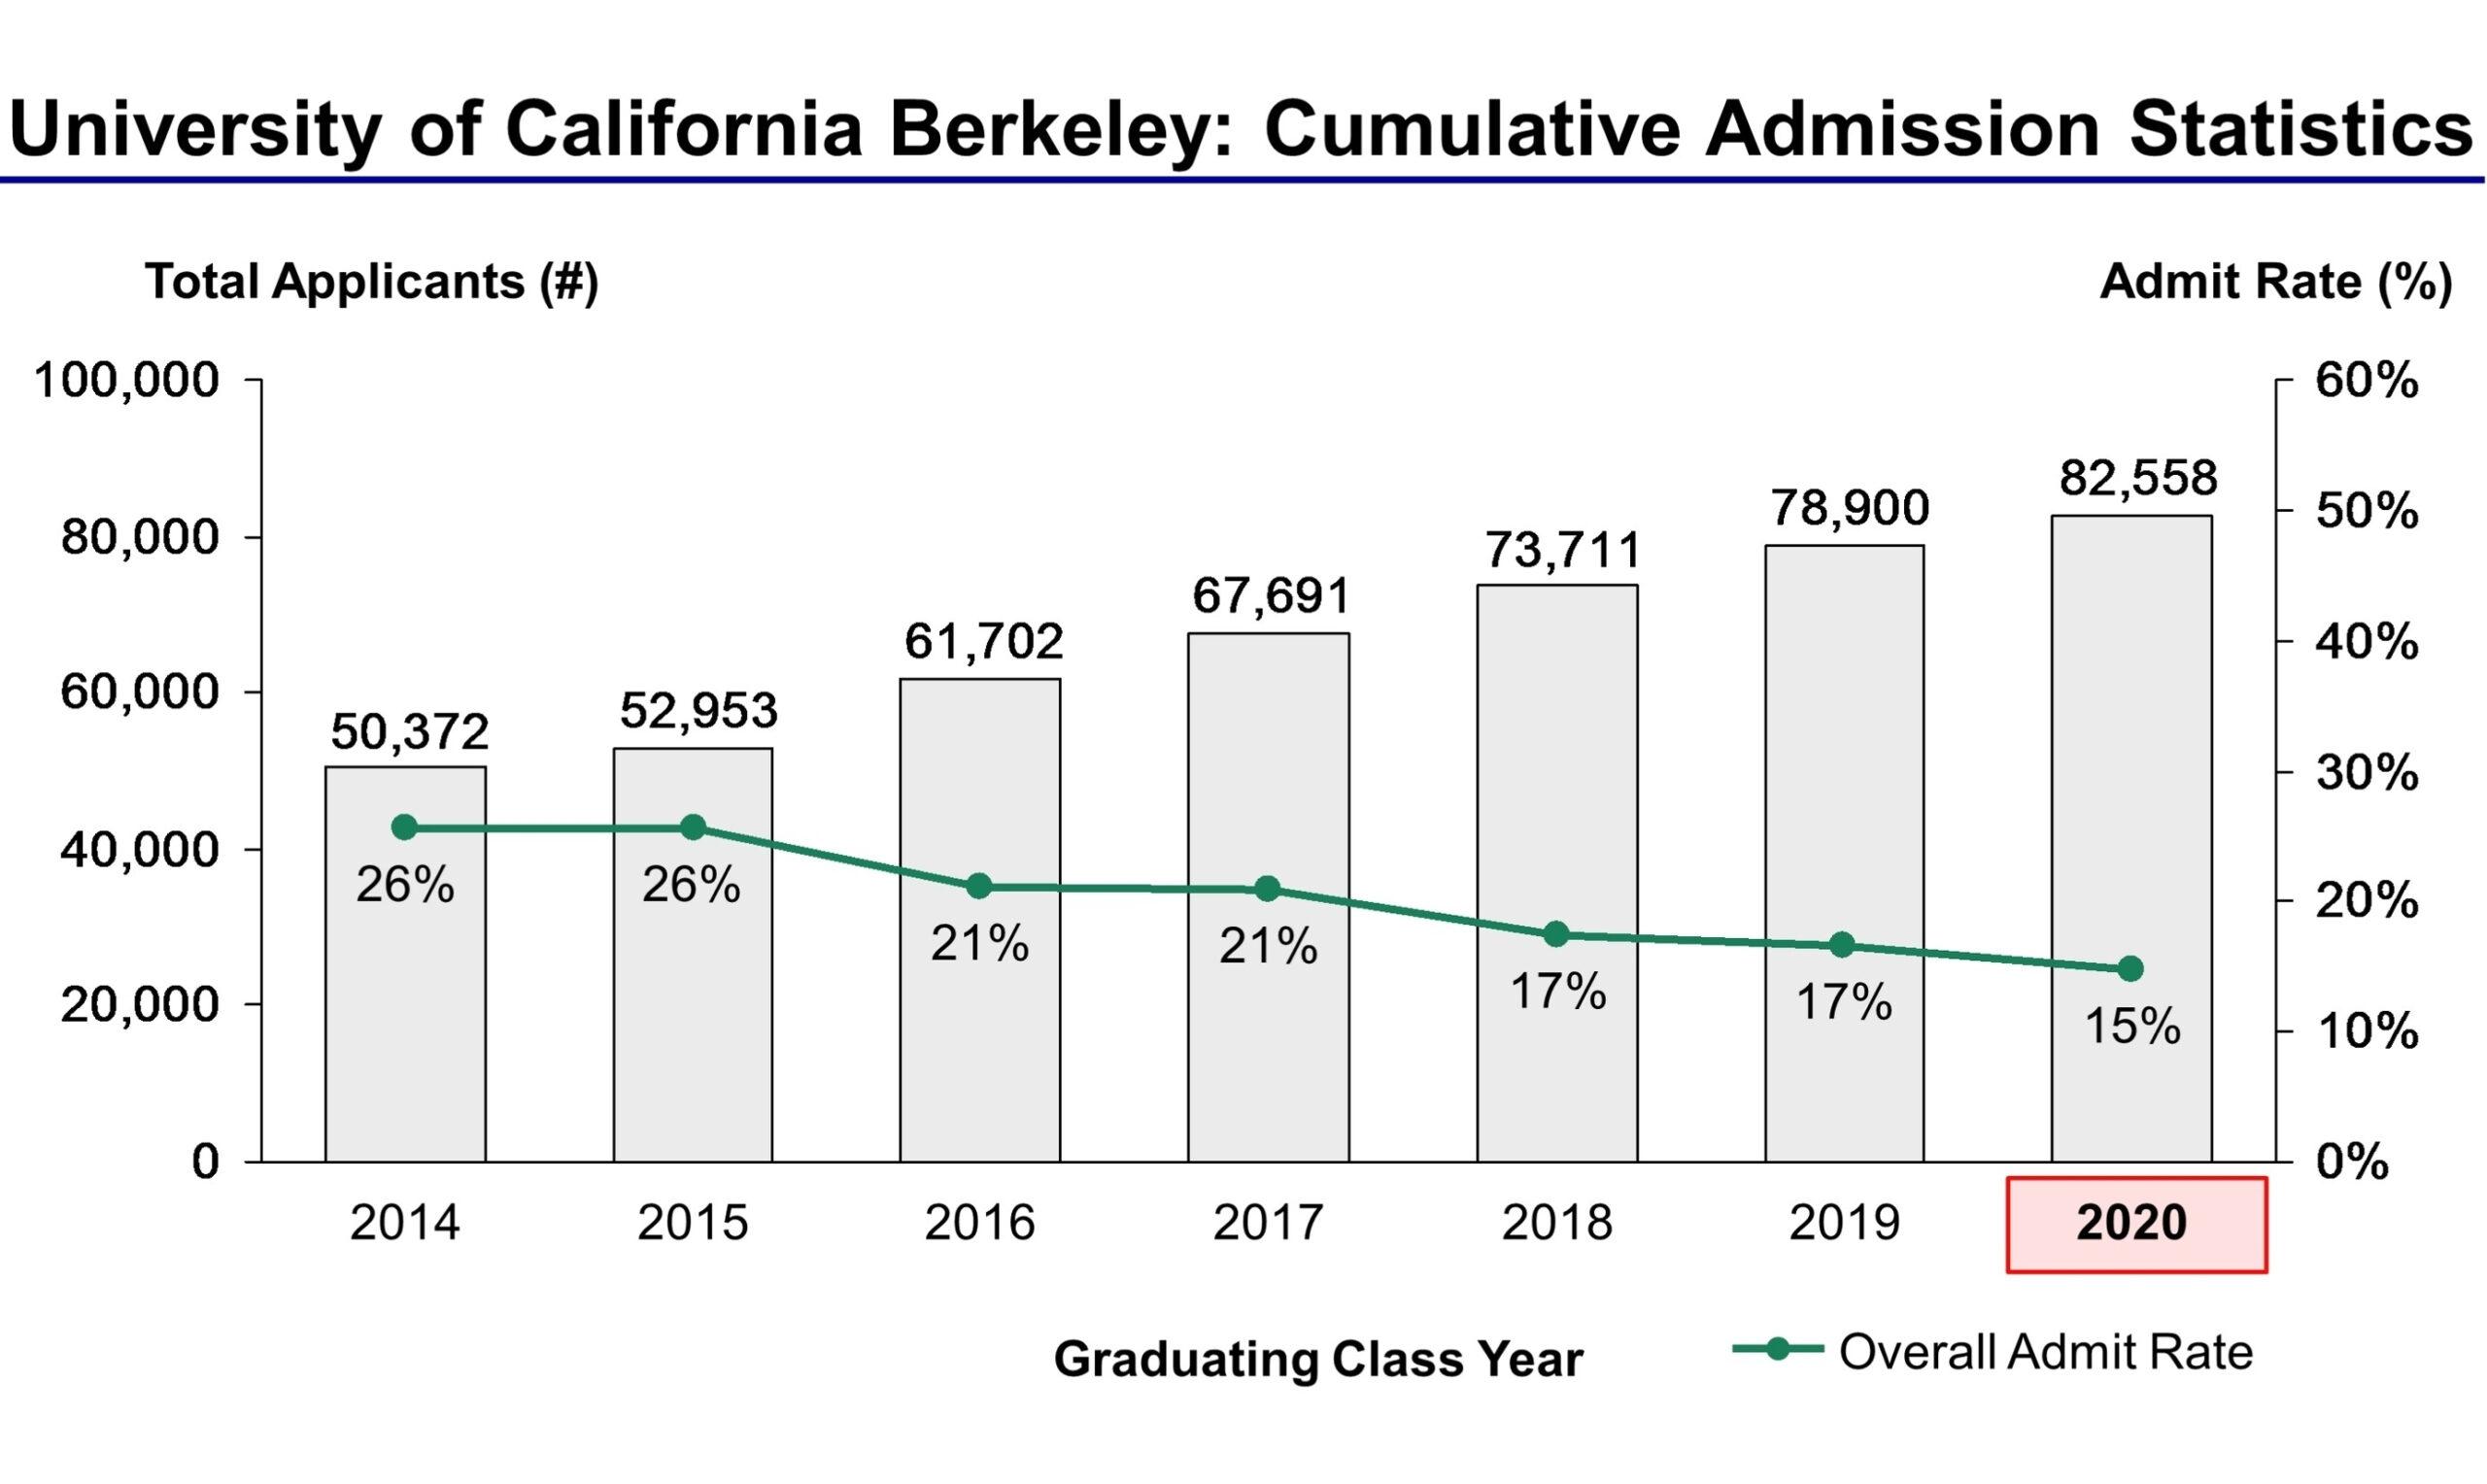 Uc Berkeley Academic Calendar 2017 | Calendar For Planning with regard to Berkeley Academic Calendar